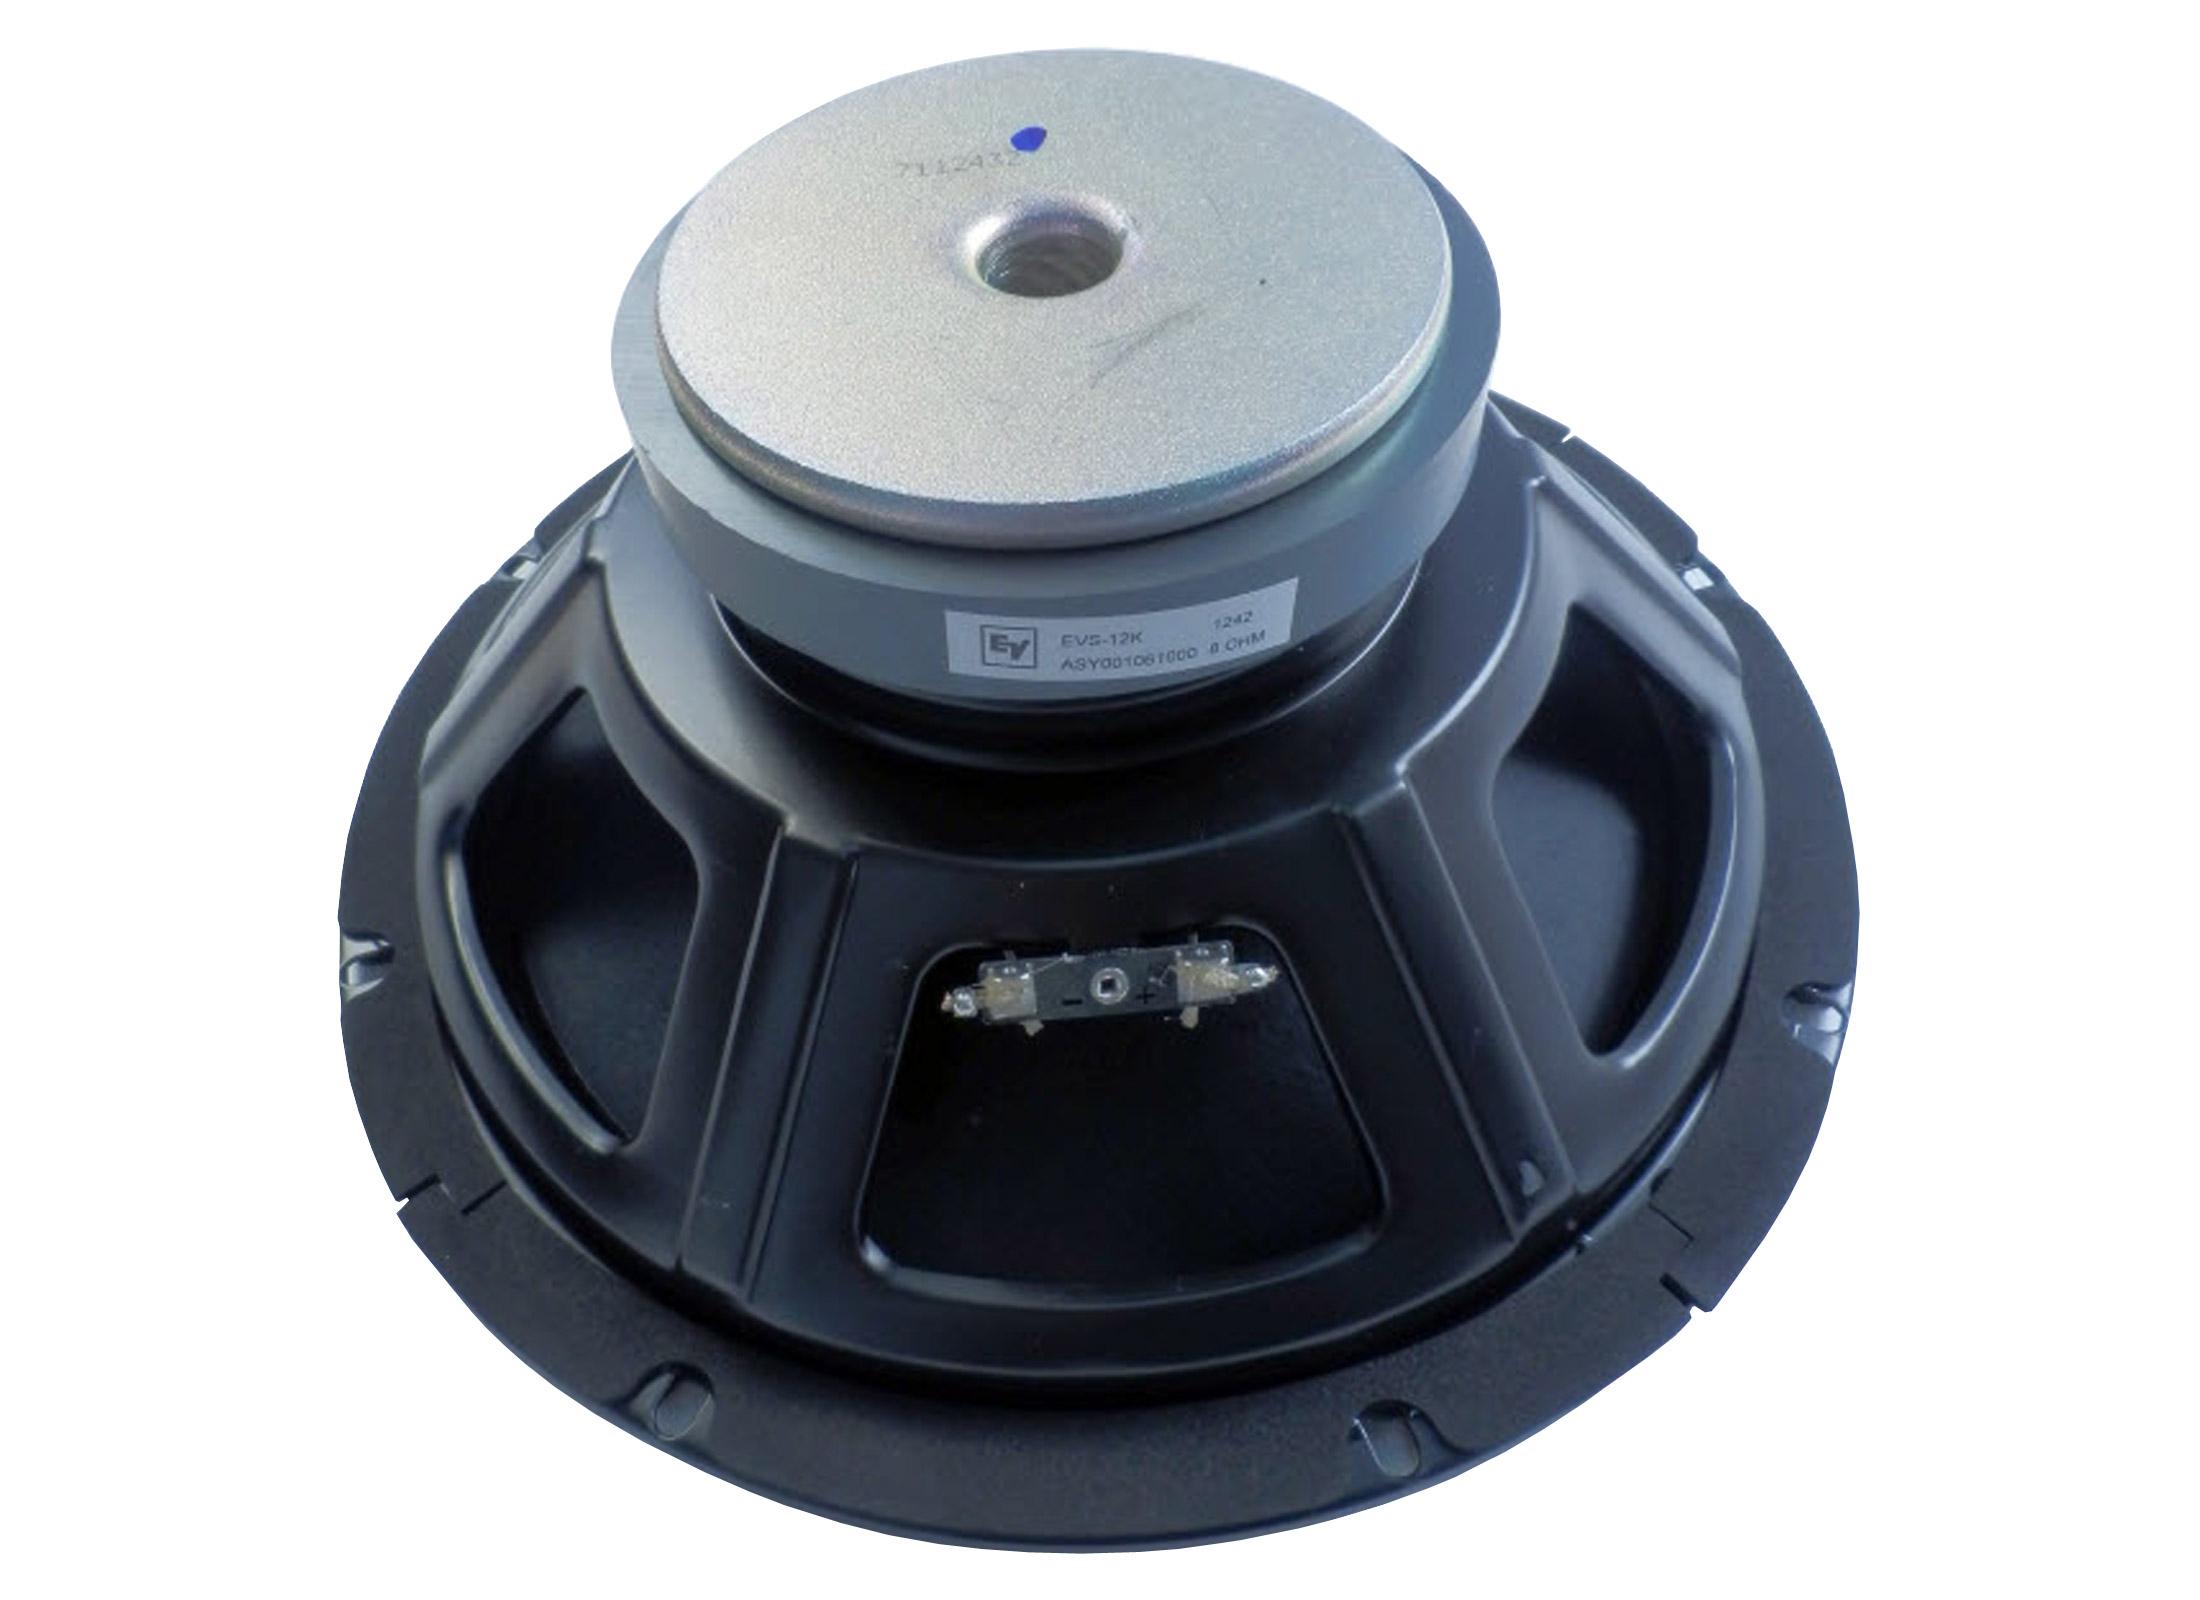 electro voice evs 12k lautsprecher chassis g nstig online kaufen bei huss licht ton. Black Bedroom Furniture Sets. Home Design Ideas